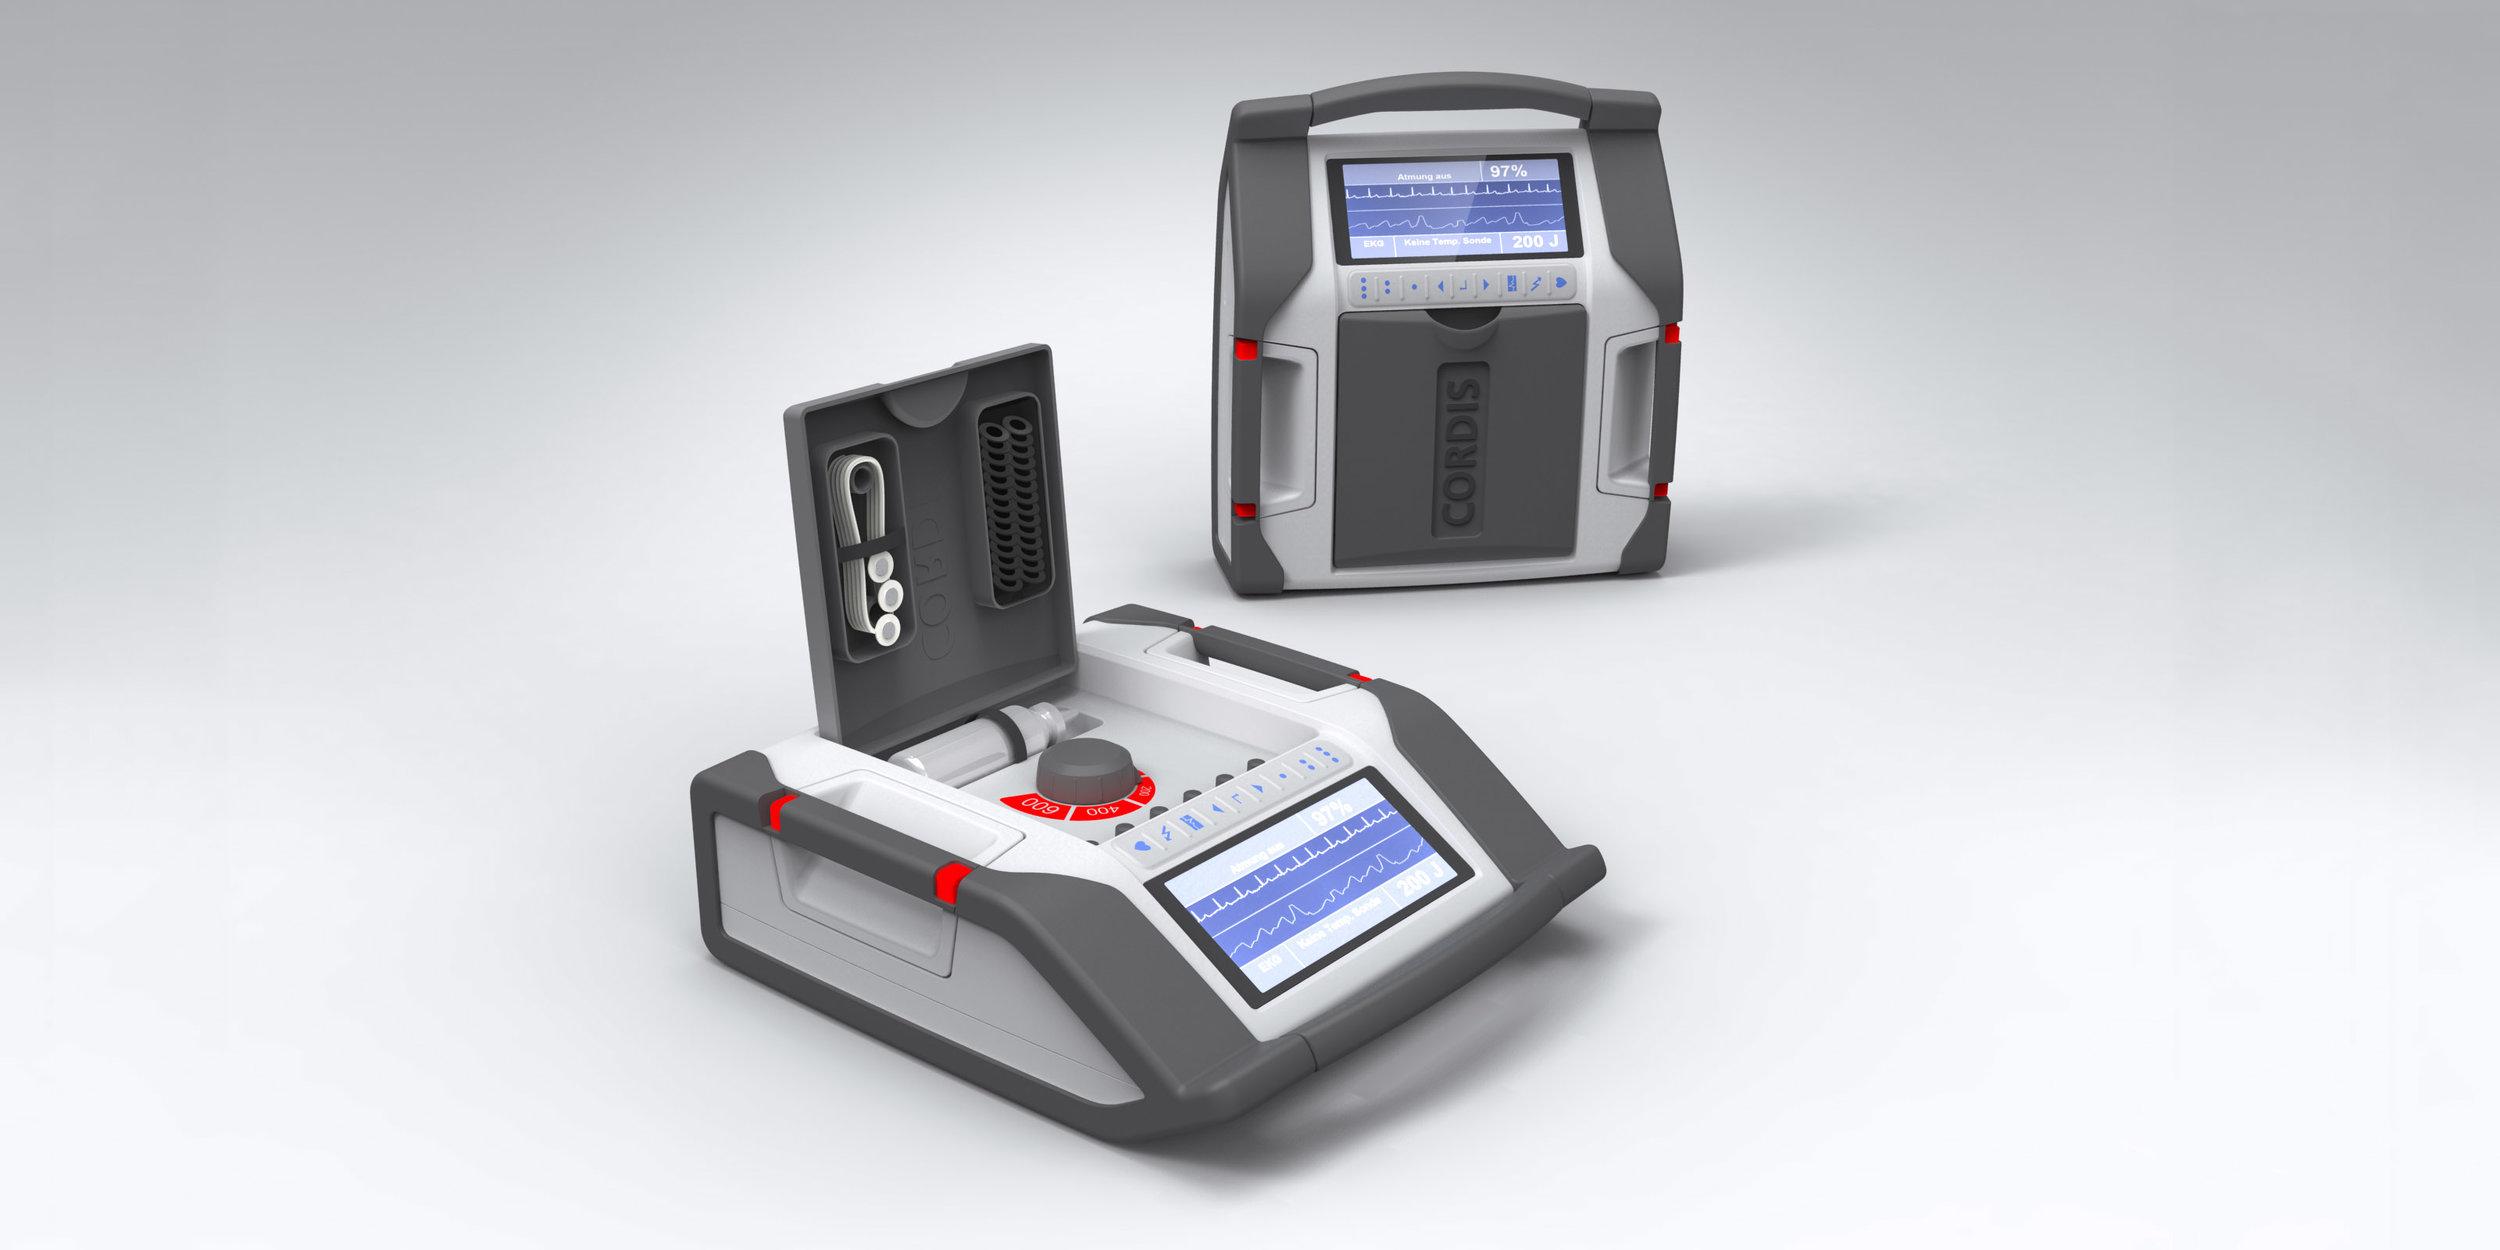 Hsd Studie Defibrilator 01.jpg